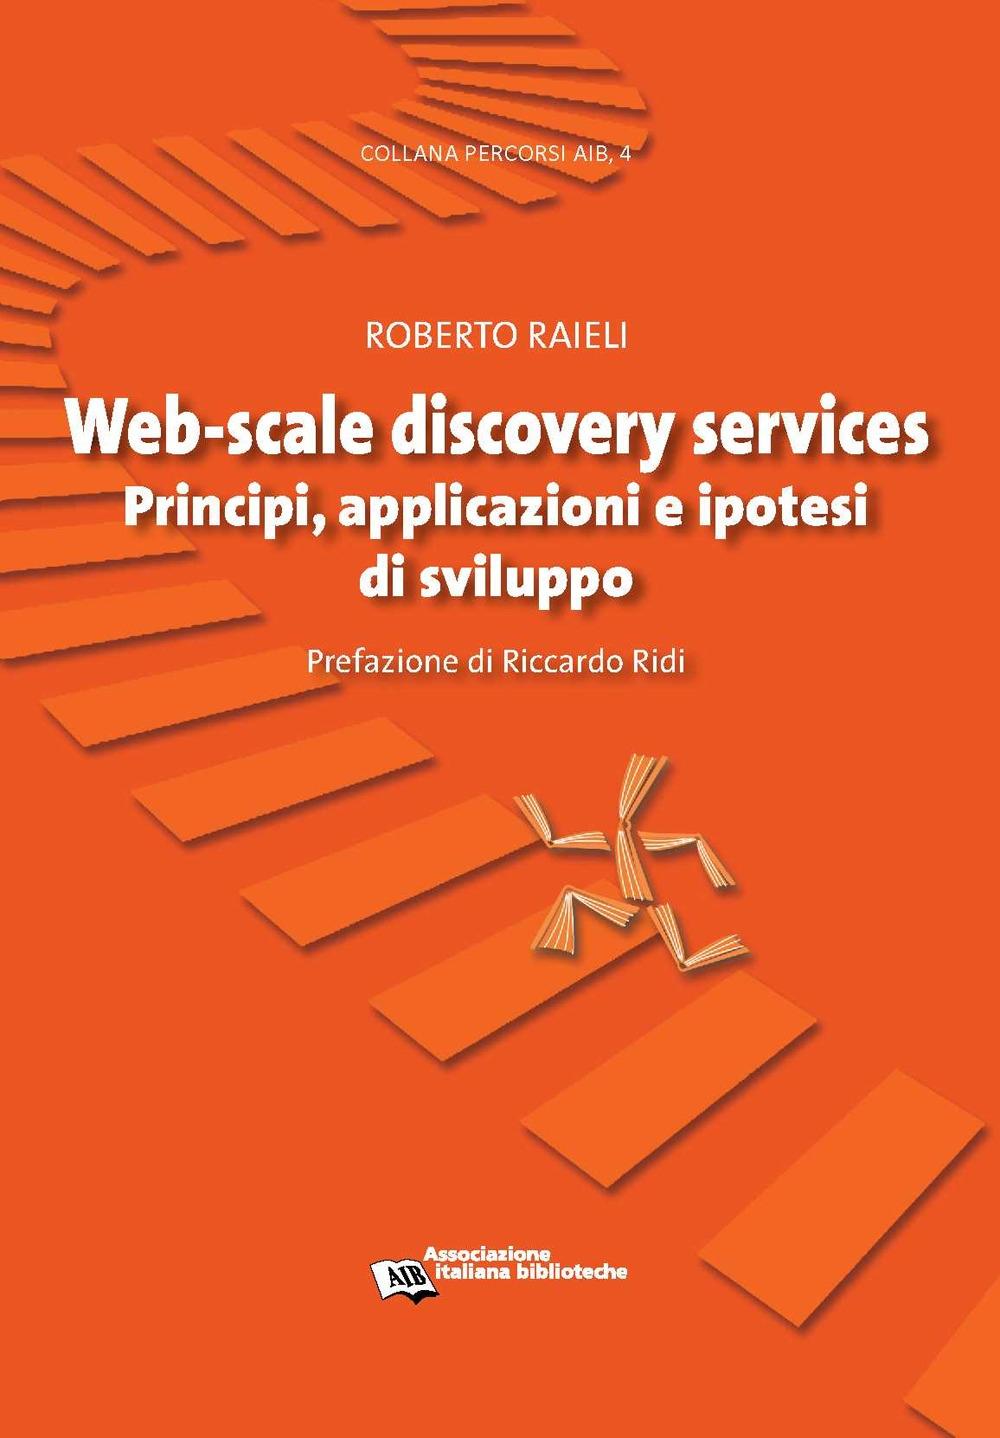 Web-scale discovery services. Principi, applicazioni e ipotesi di sviluppo